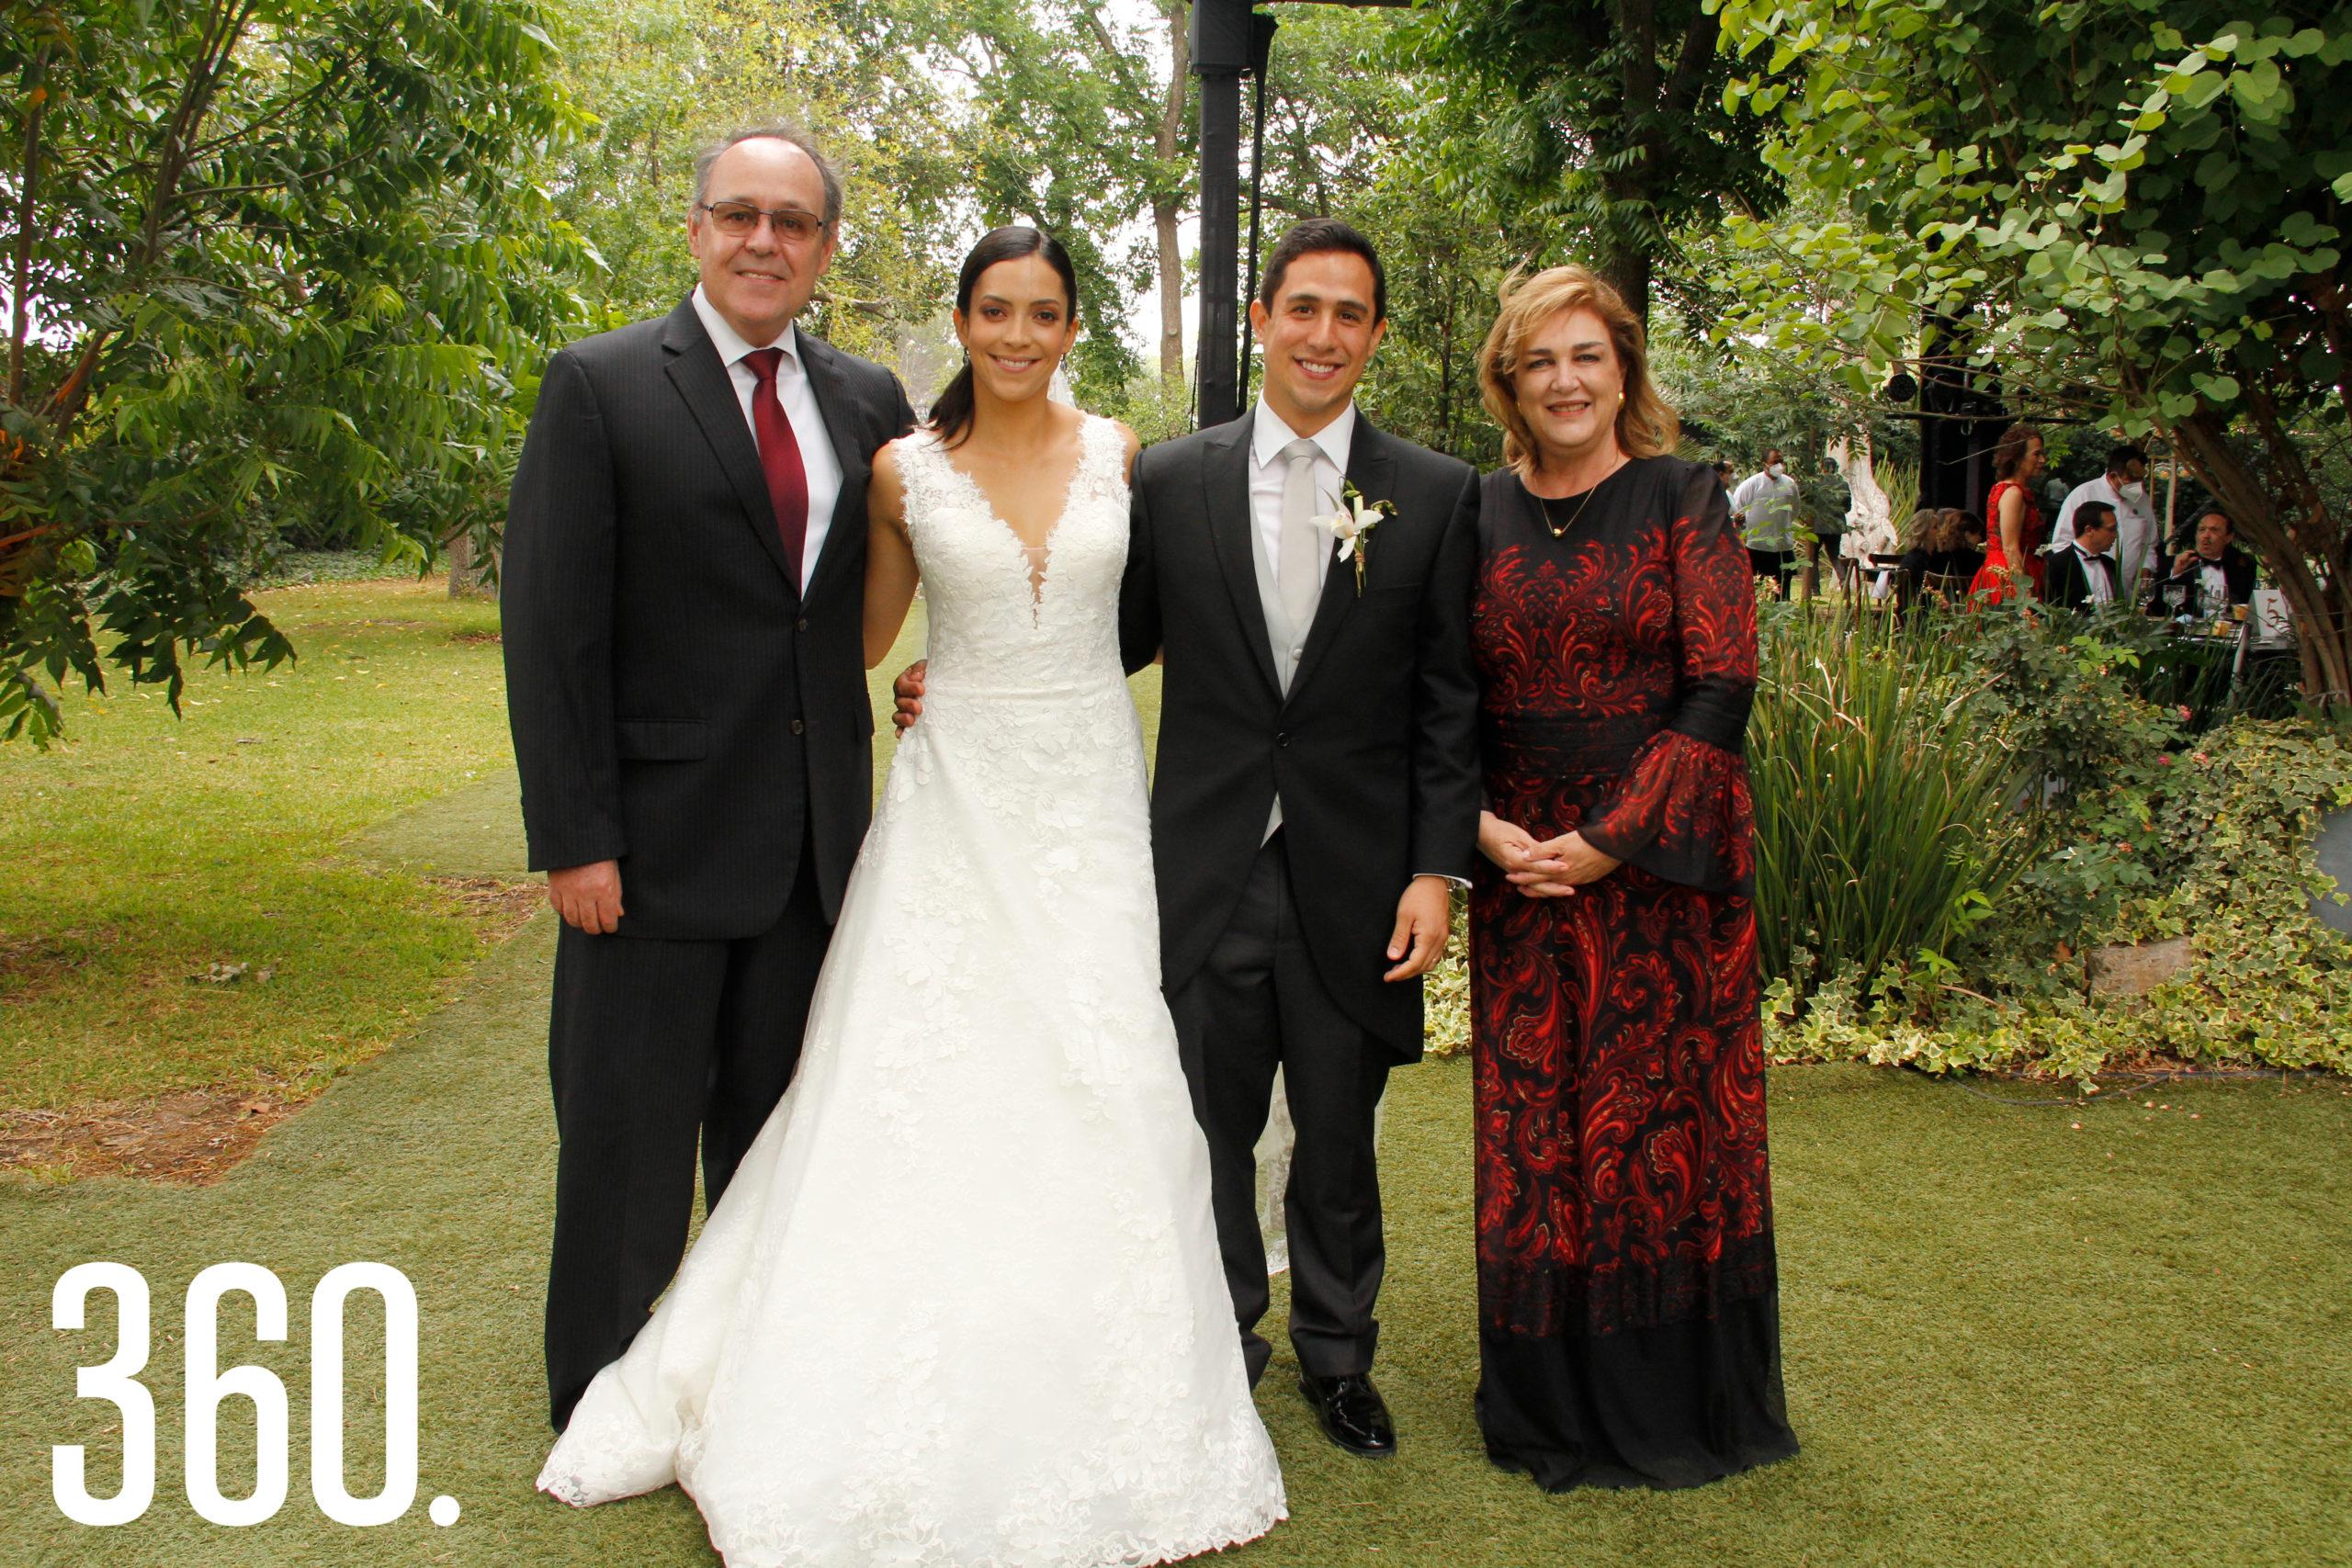 Arturo López y Raquel Torres con su ahijada Ana Paula Torres Flores y Juan Carlos Díaz Martínez.